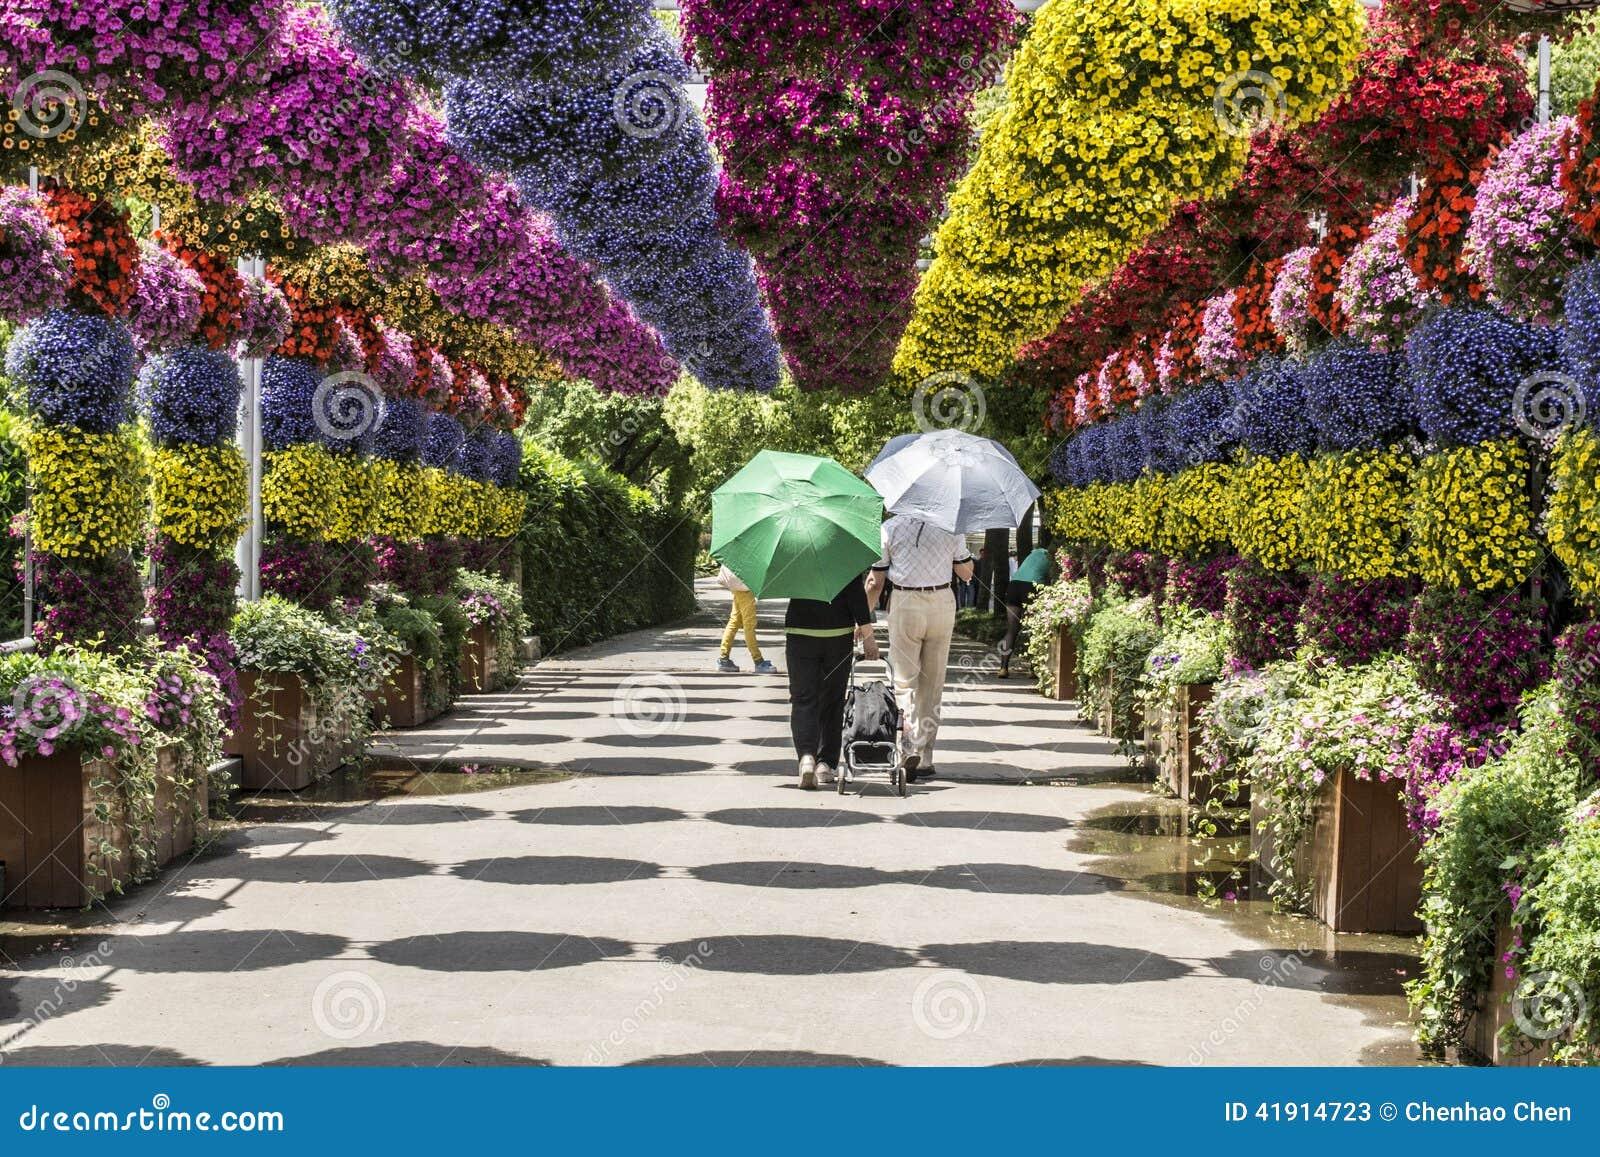 Blumenschau redaktionelles stockfoto bild 41914723 - Botanischer garten shanghai ...